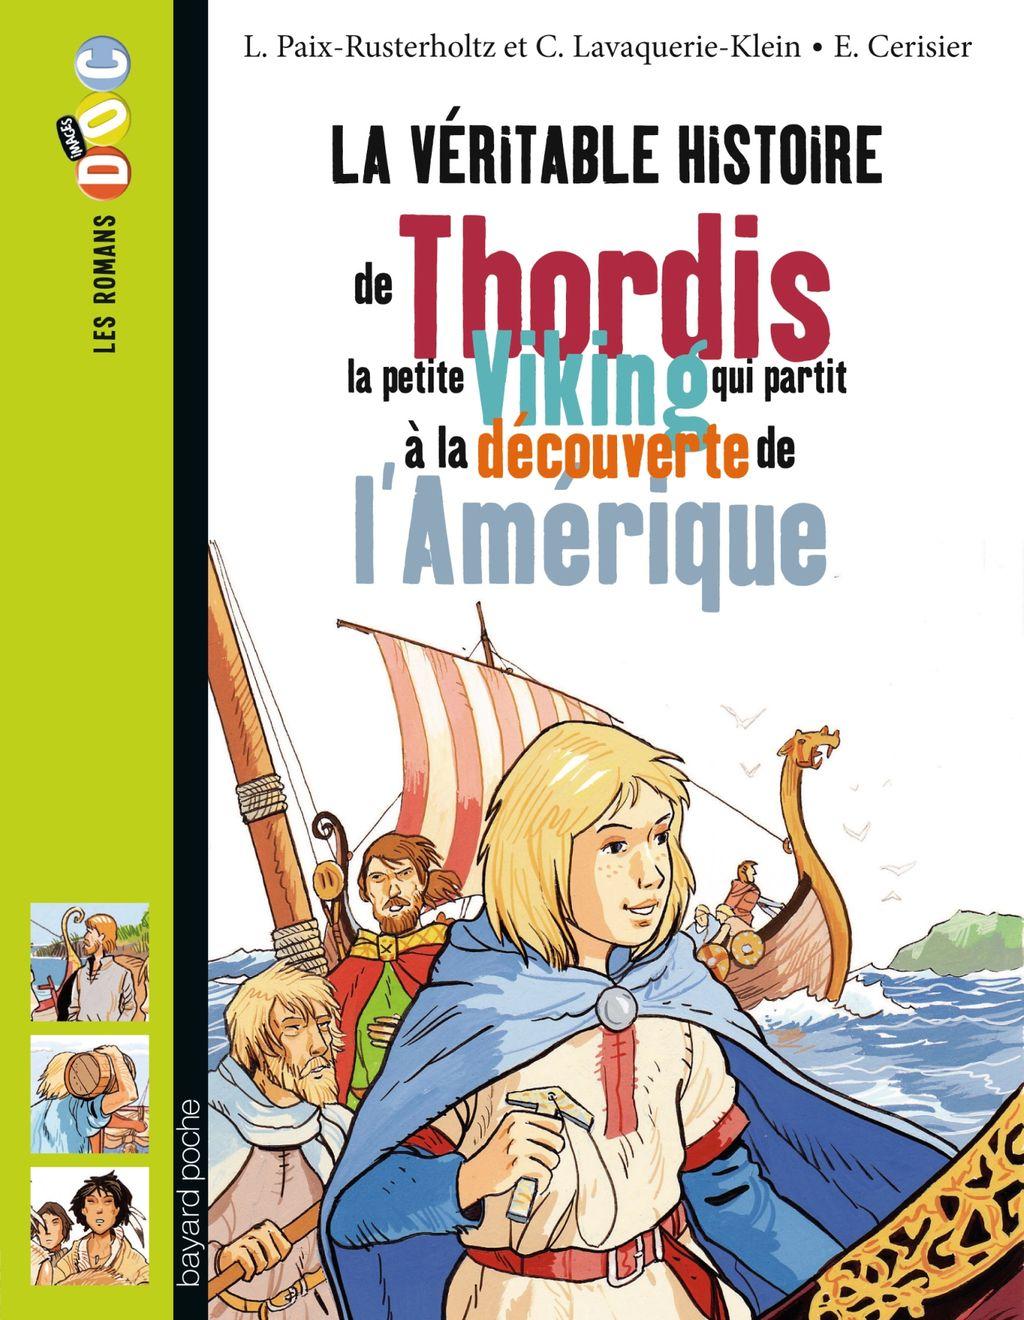 «La véritable histoire de Thordis, la petite Viking qui partit à la découverte de l'Amérique» cover